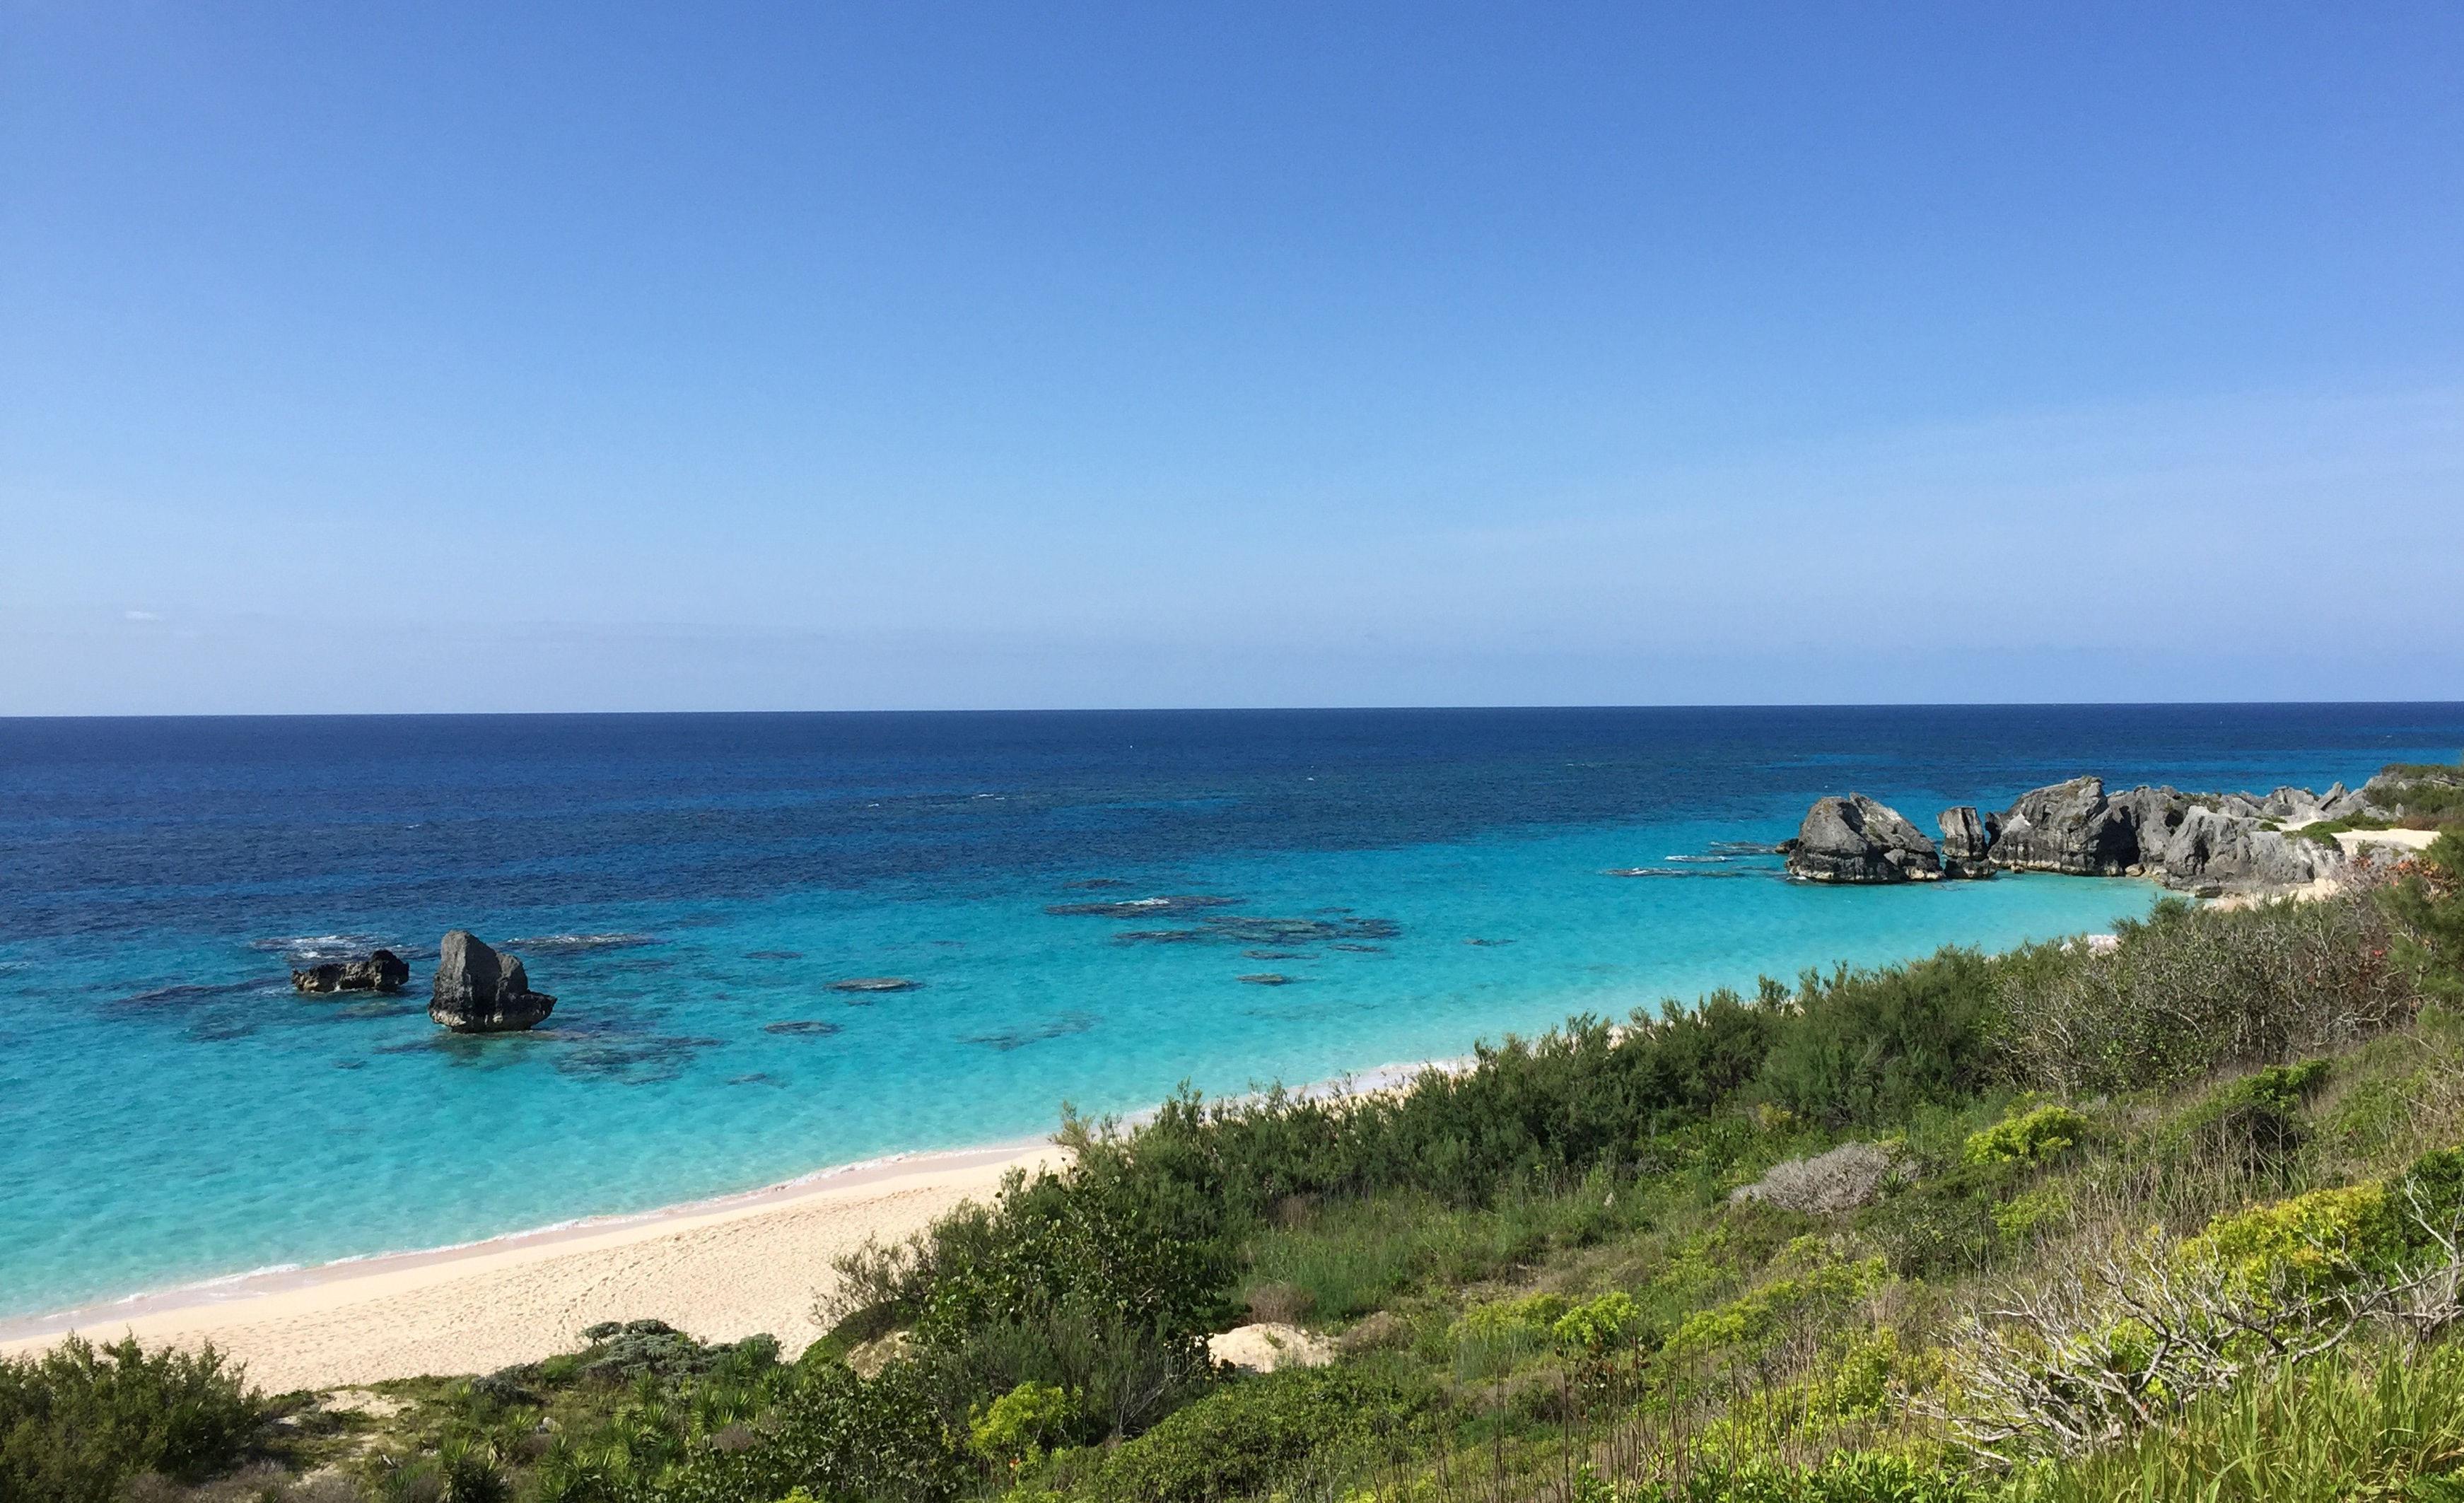 The beach in Bermuda.